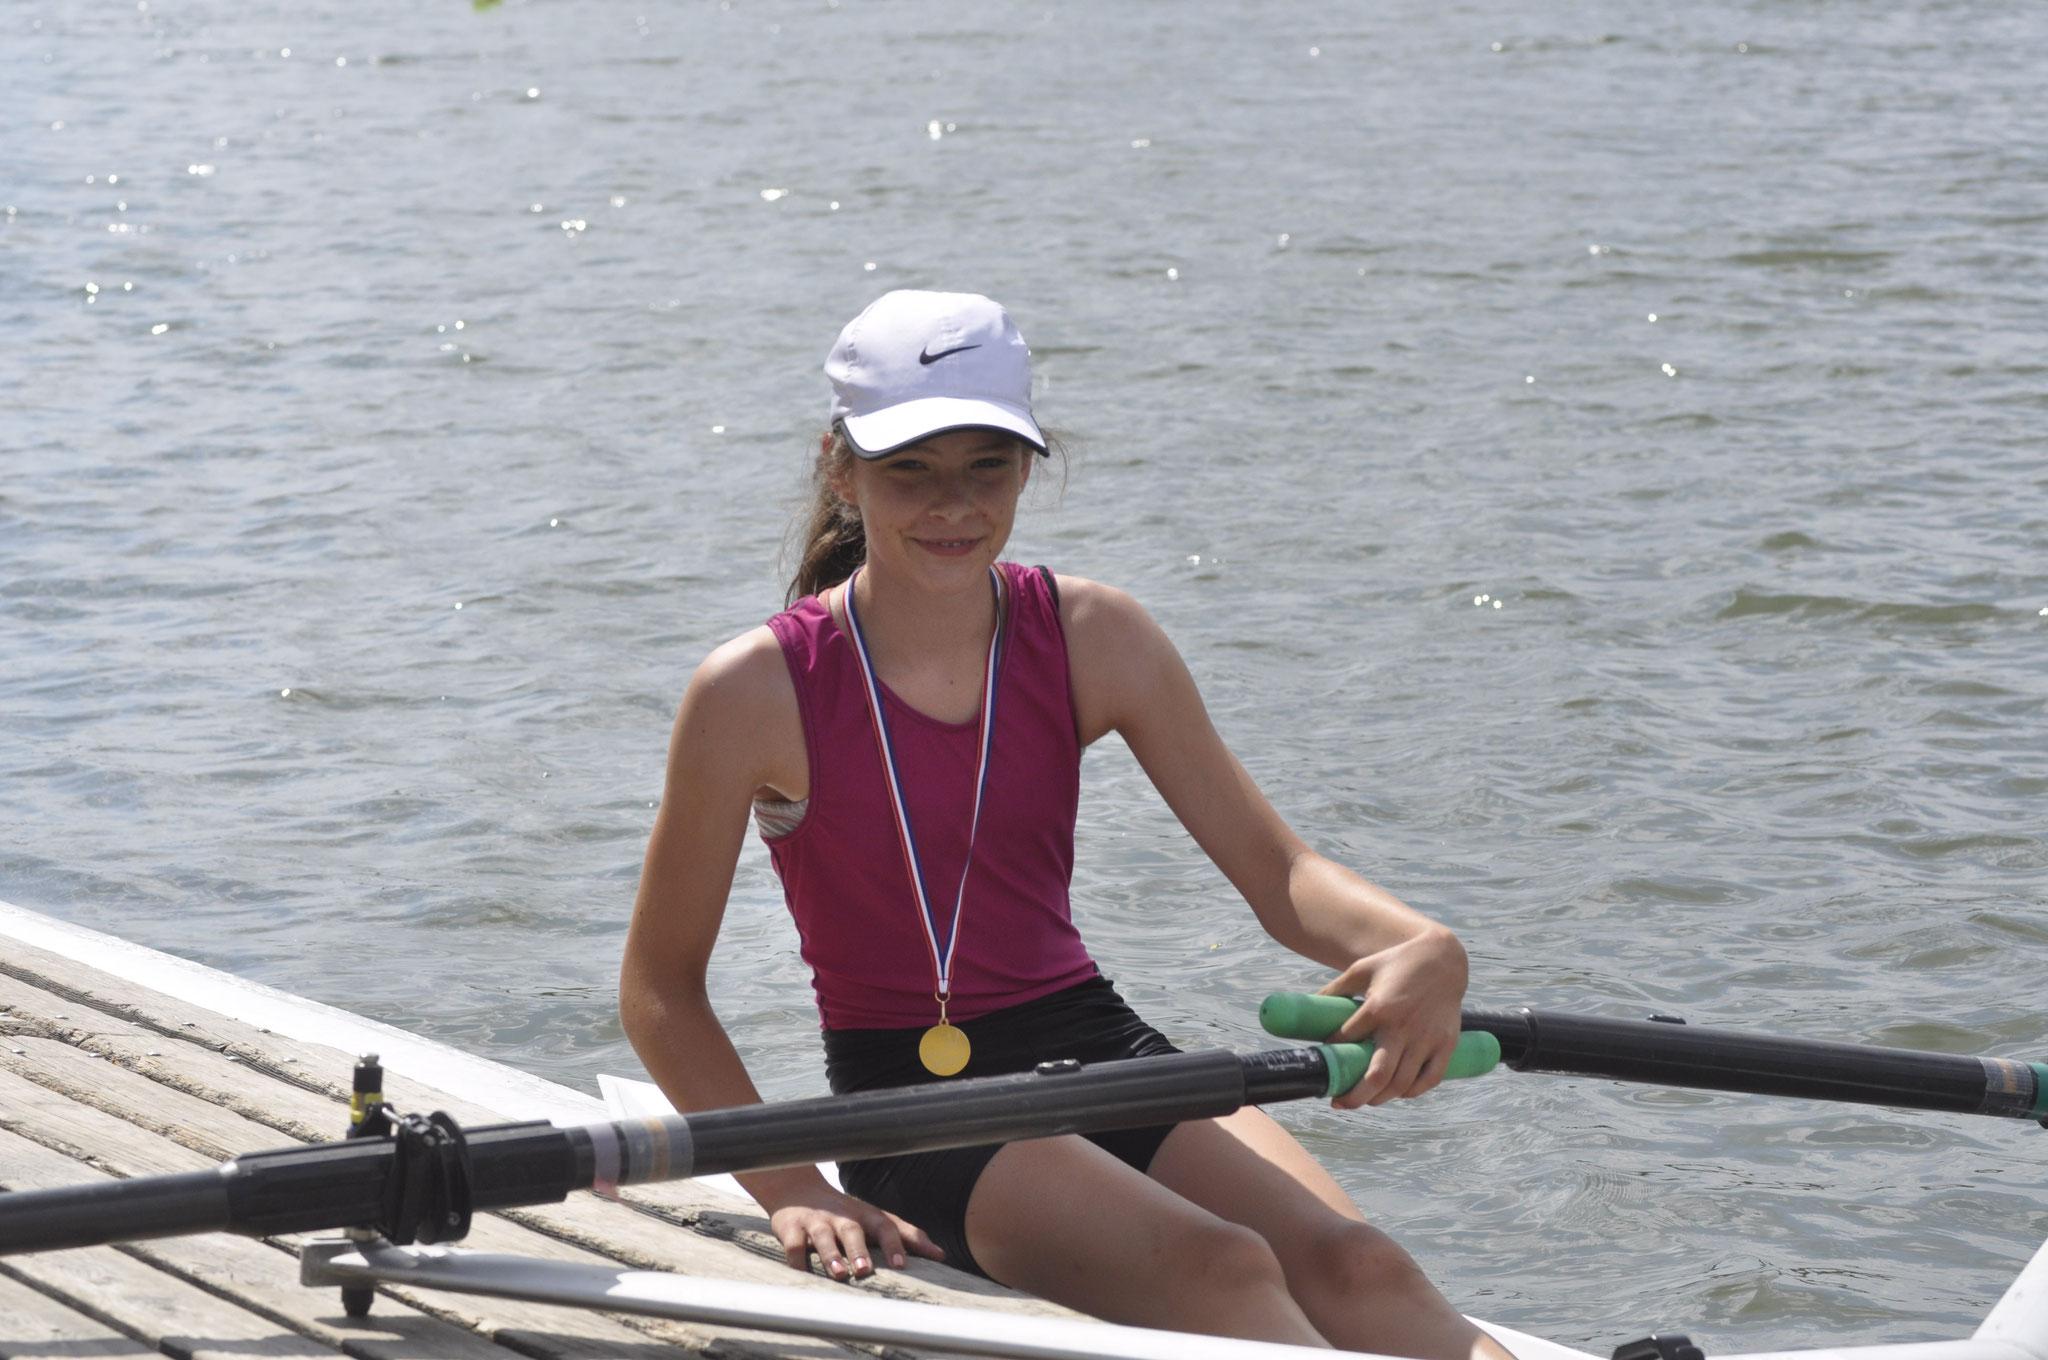 Antonia Herpich qualifiziert sich für die Deutsche Schülermeisterschaft Ende Juni in München